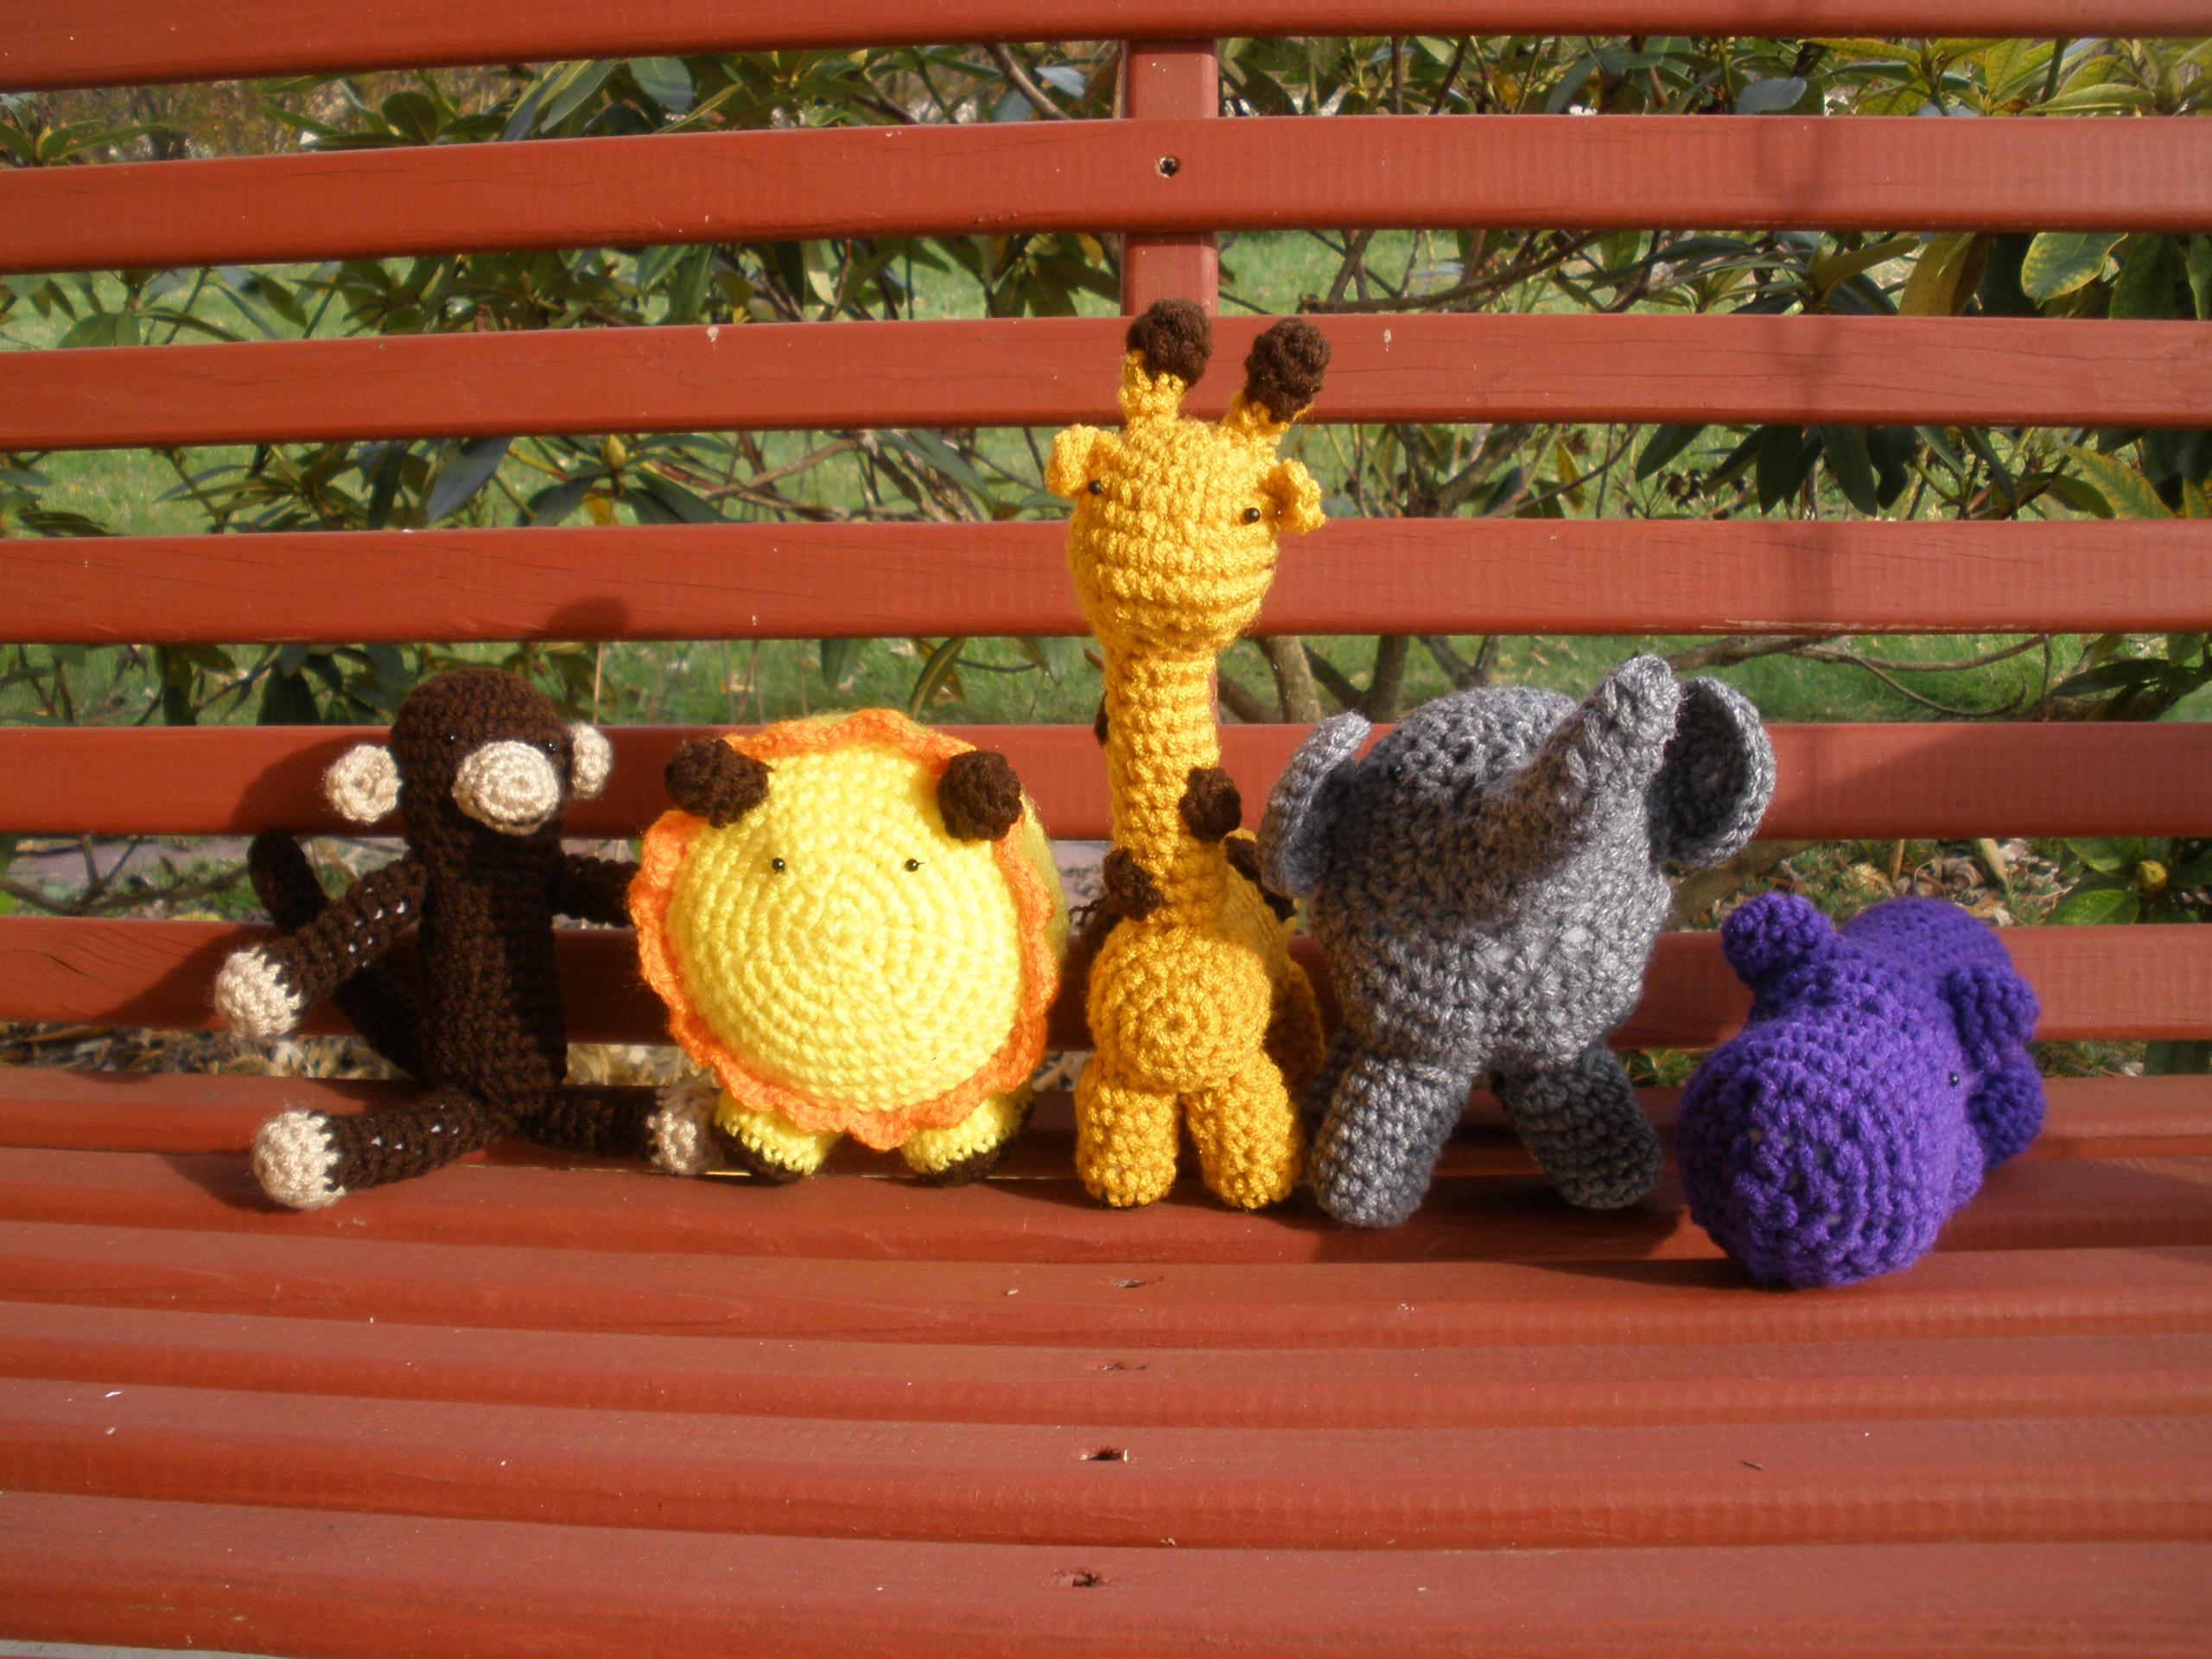 Amigurumi Big Animals : New Item! Amigurumi Animals Warming the Heart